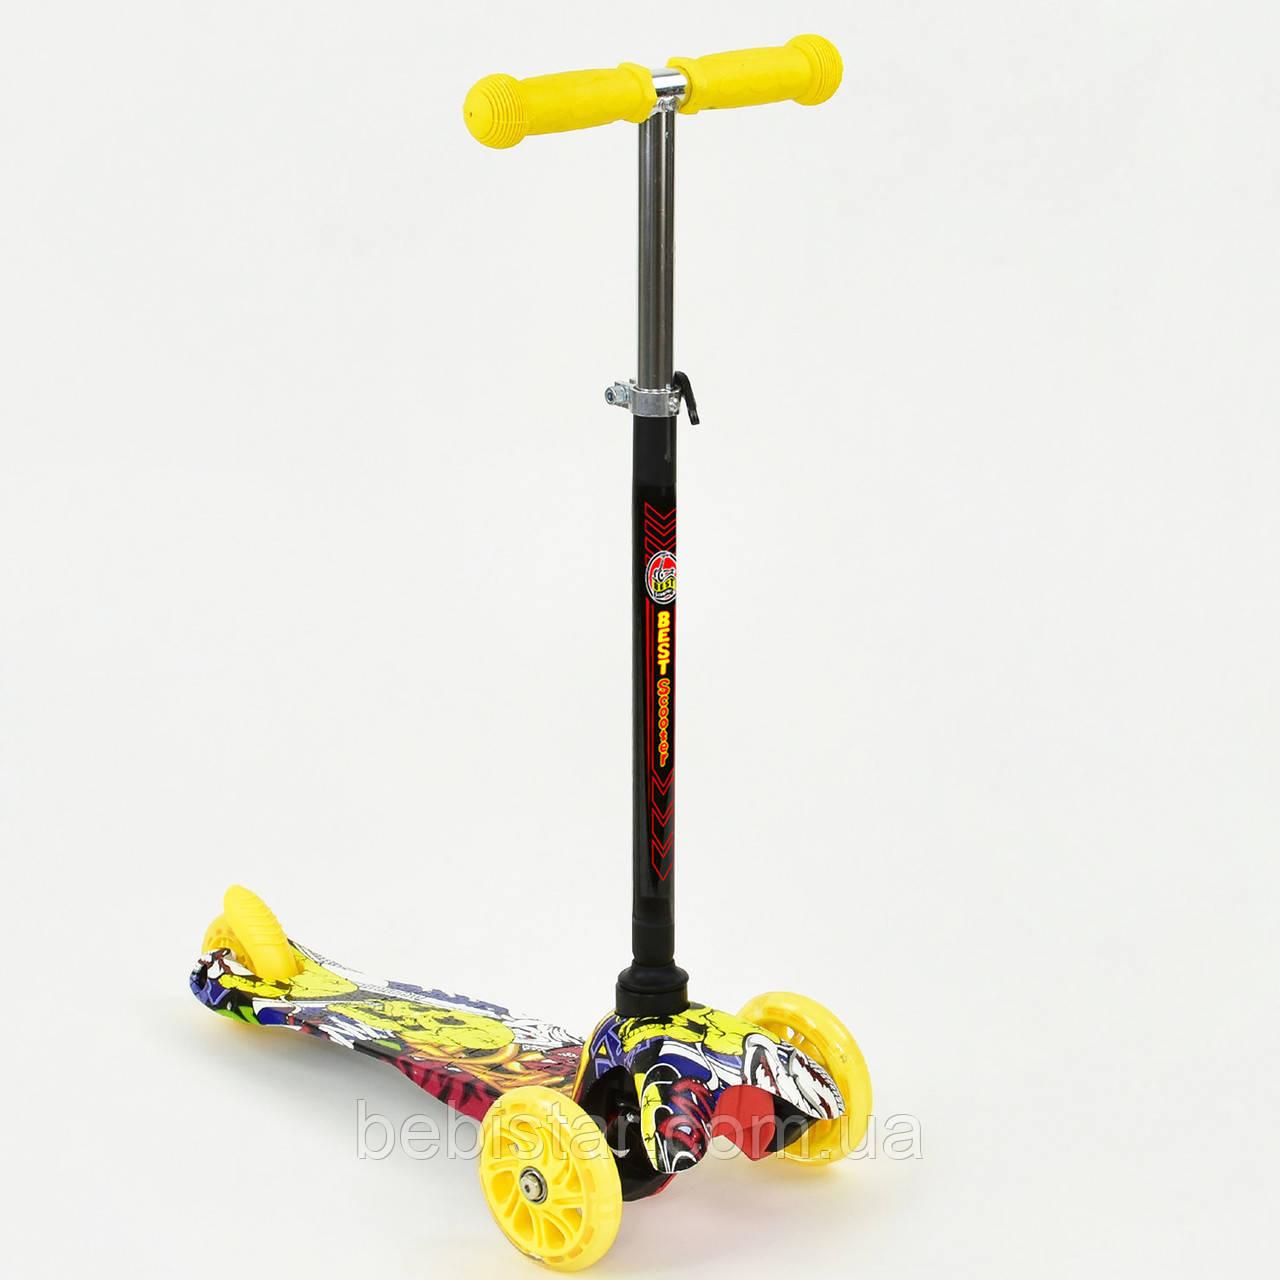 Самокат детский трехколесный со светящимися колесами желтый на желтых колесах от 2 до 5 лет